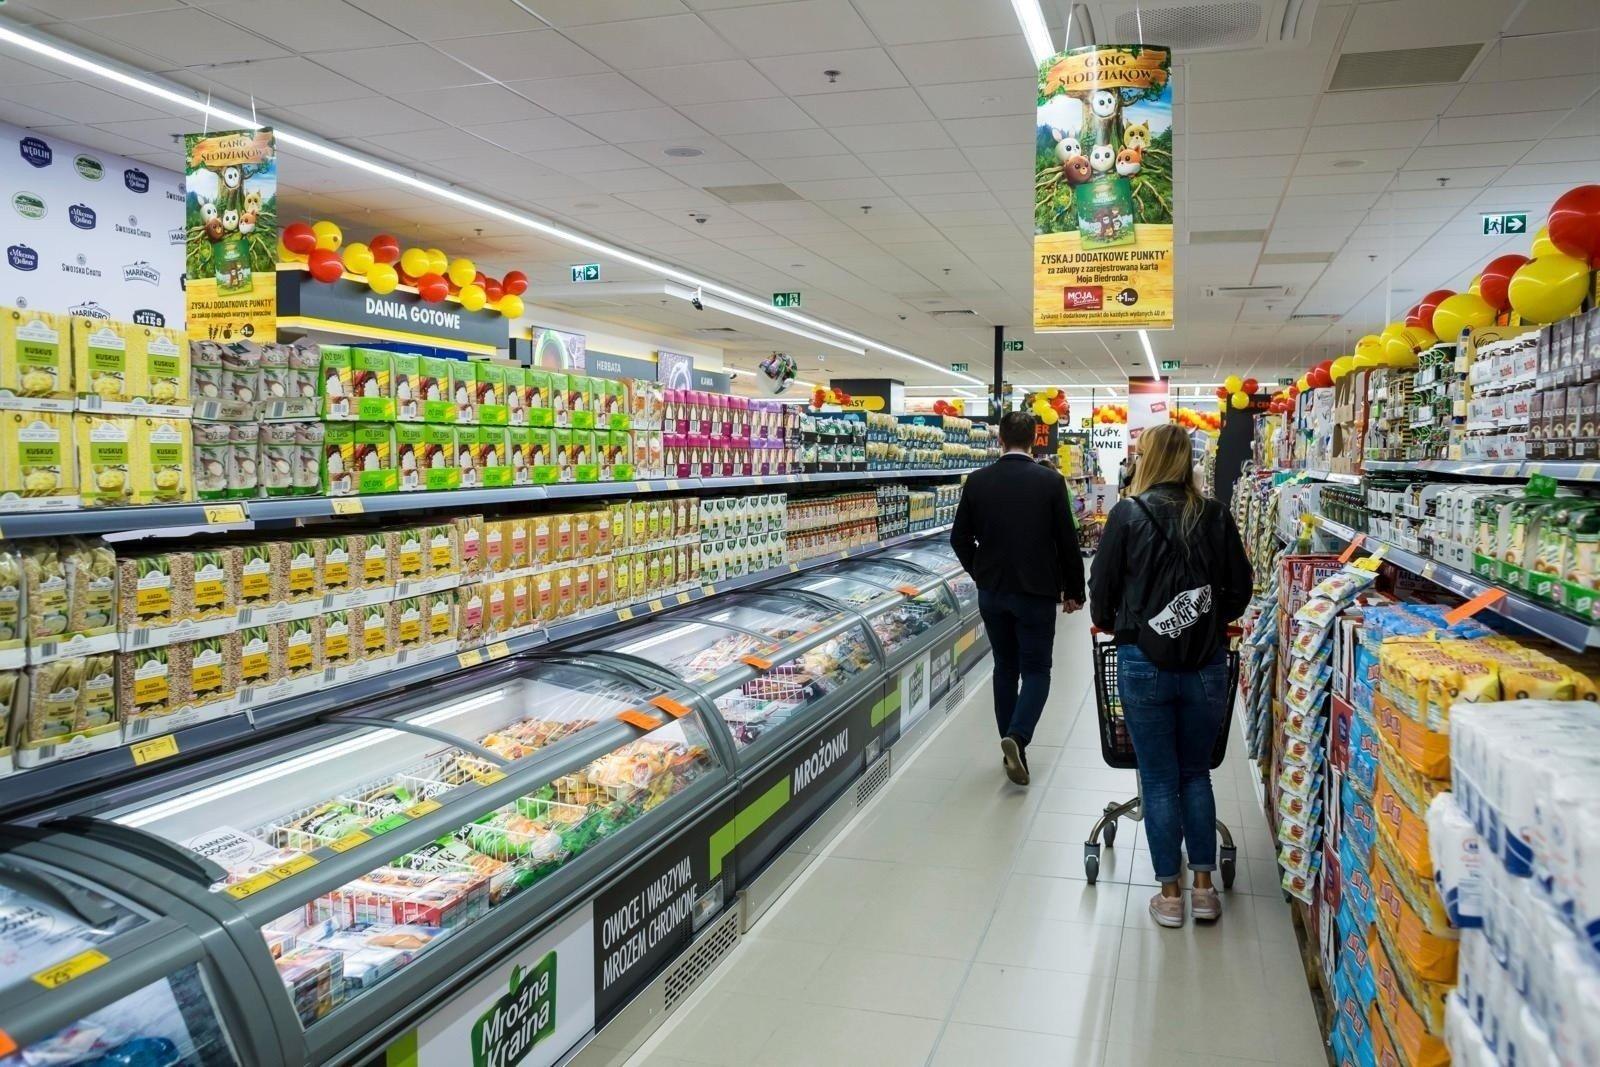 Niedziele handlowe 2020 KALENDARZ: 19 kwietnia zakaz handlu? Kiedy zrobisz zakupy? Wykaz niedziel handlowych w 2020 roku [19.04.2020] | Głos Koszaliński